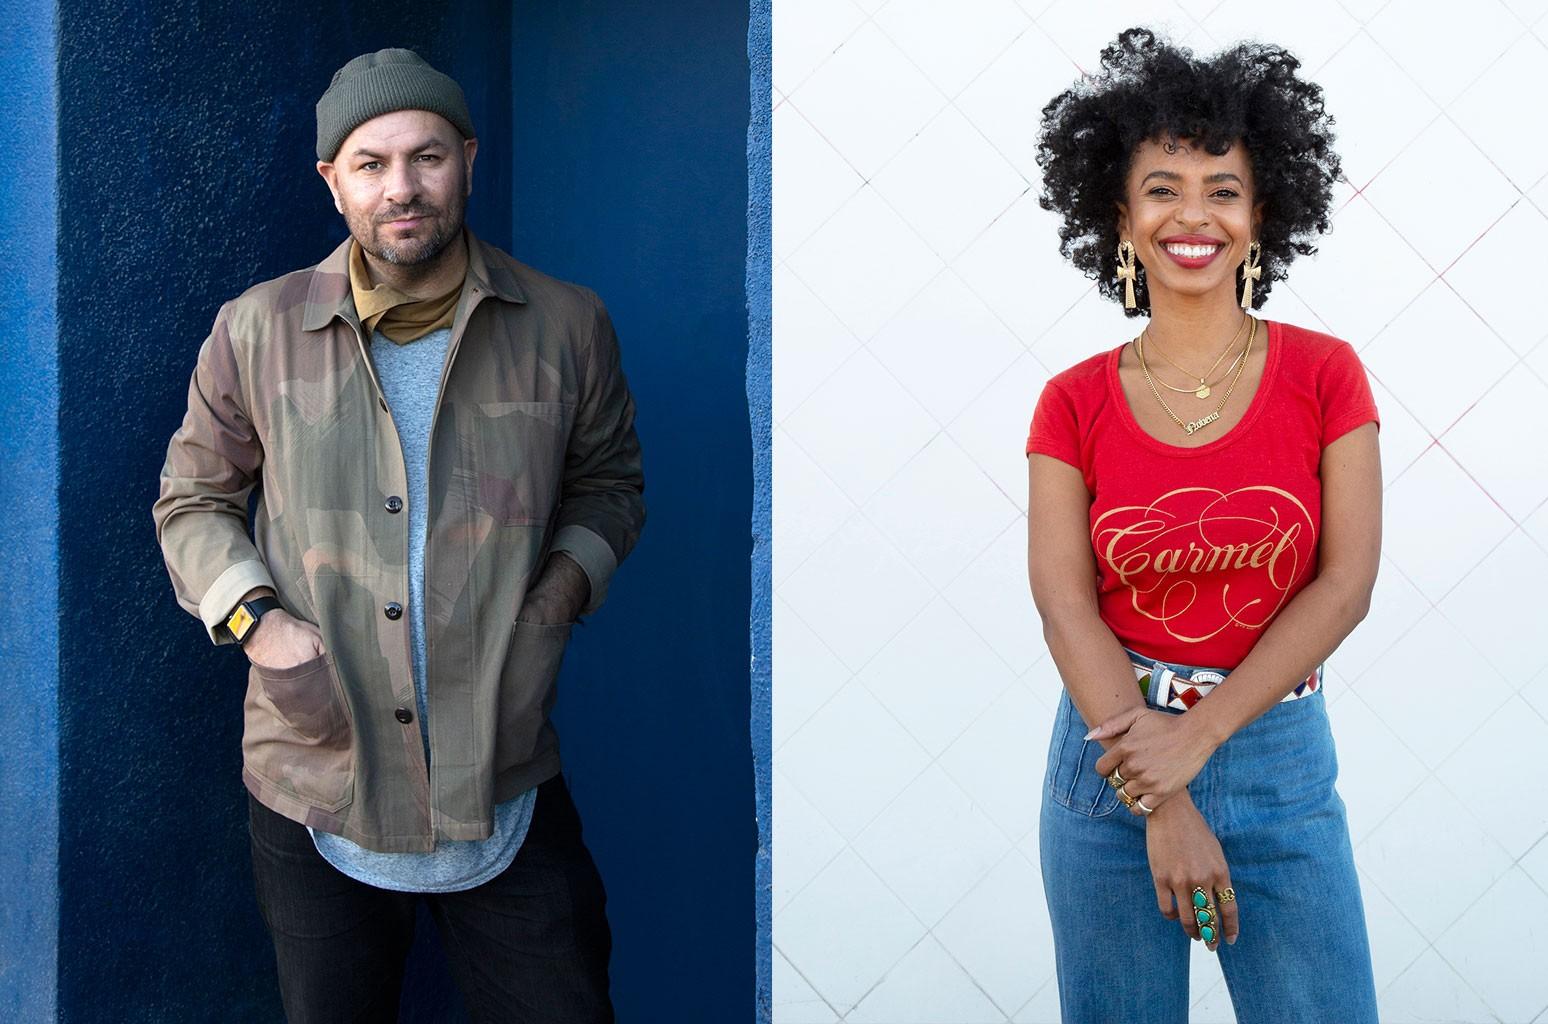 В песне «Morning Becomes Eclectic» KCRW названы Энтони Валадес и Новена Кармель в качестве новых со-ведущих